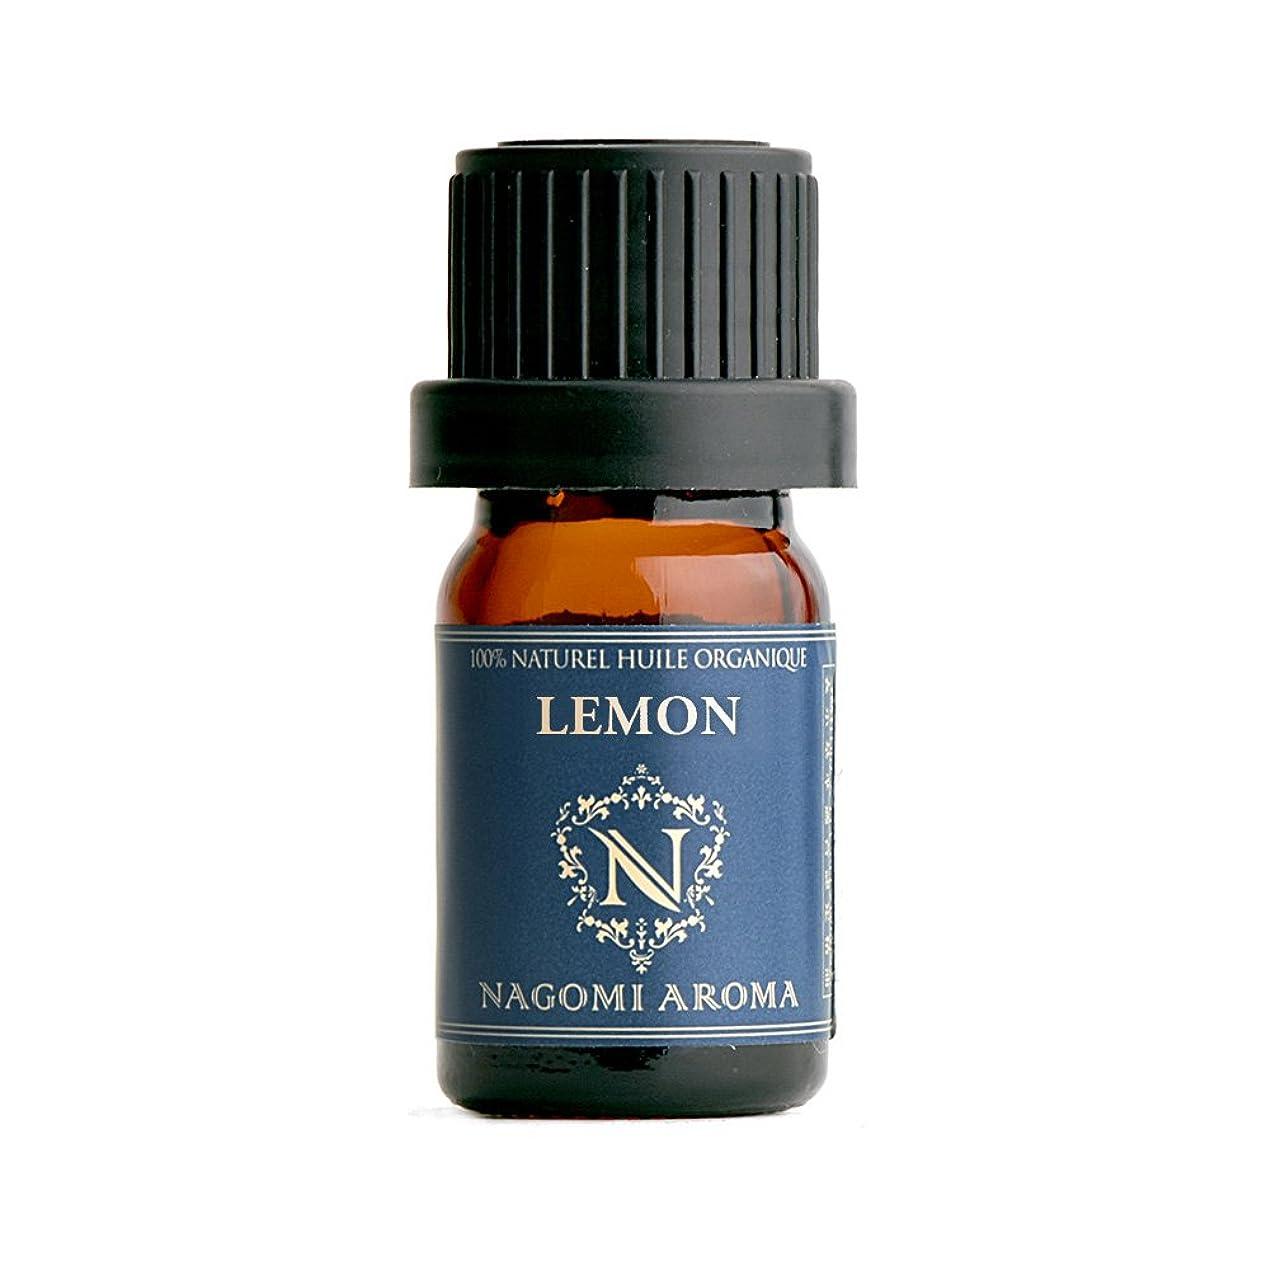 名詞デクリメント農民NAGOMI AROMA オーガニック レモン 5ml 【AEAJ認定精油】【アロマオイル】